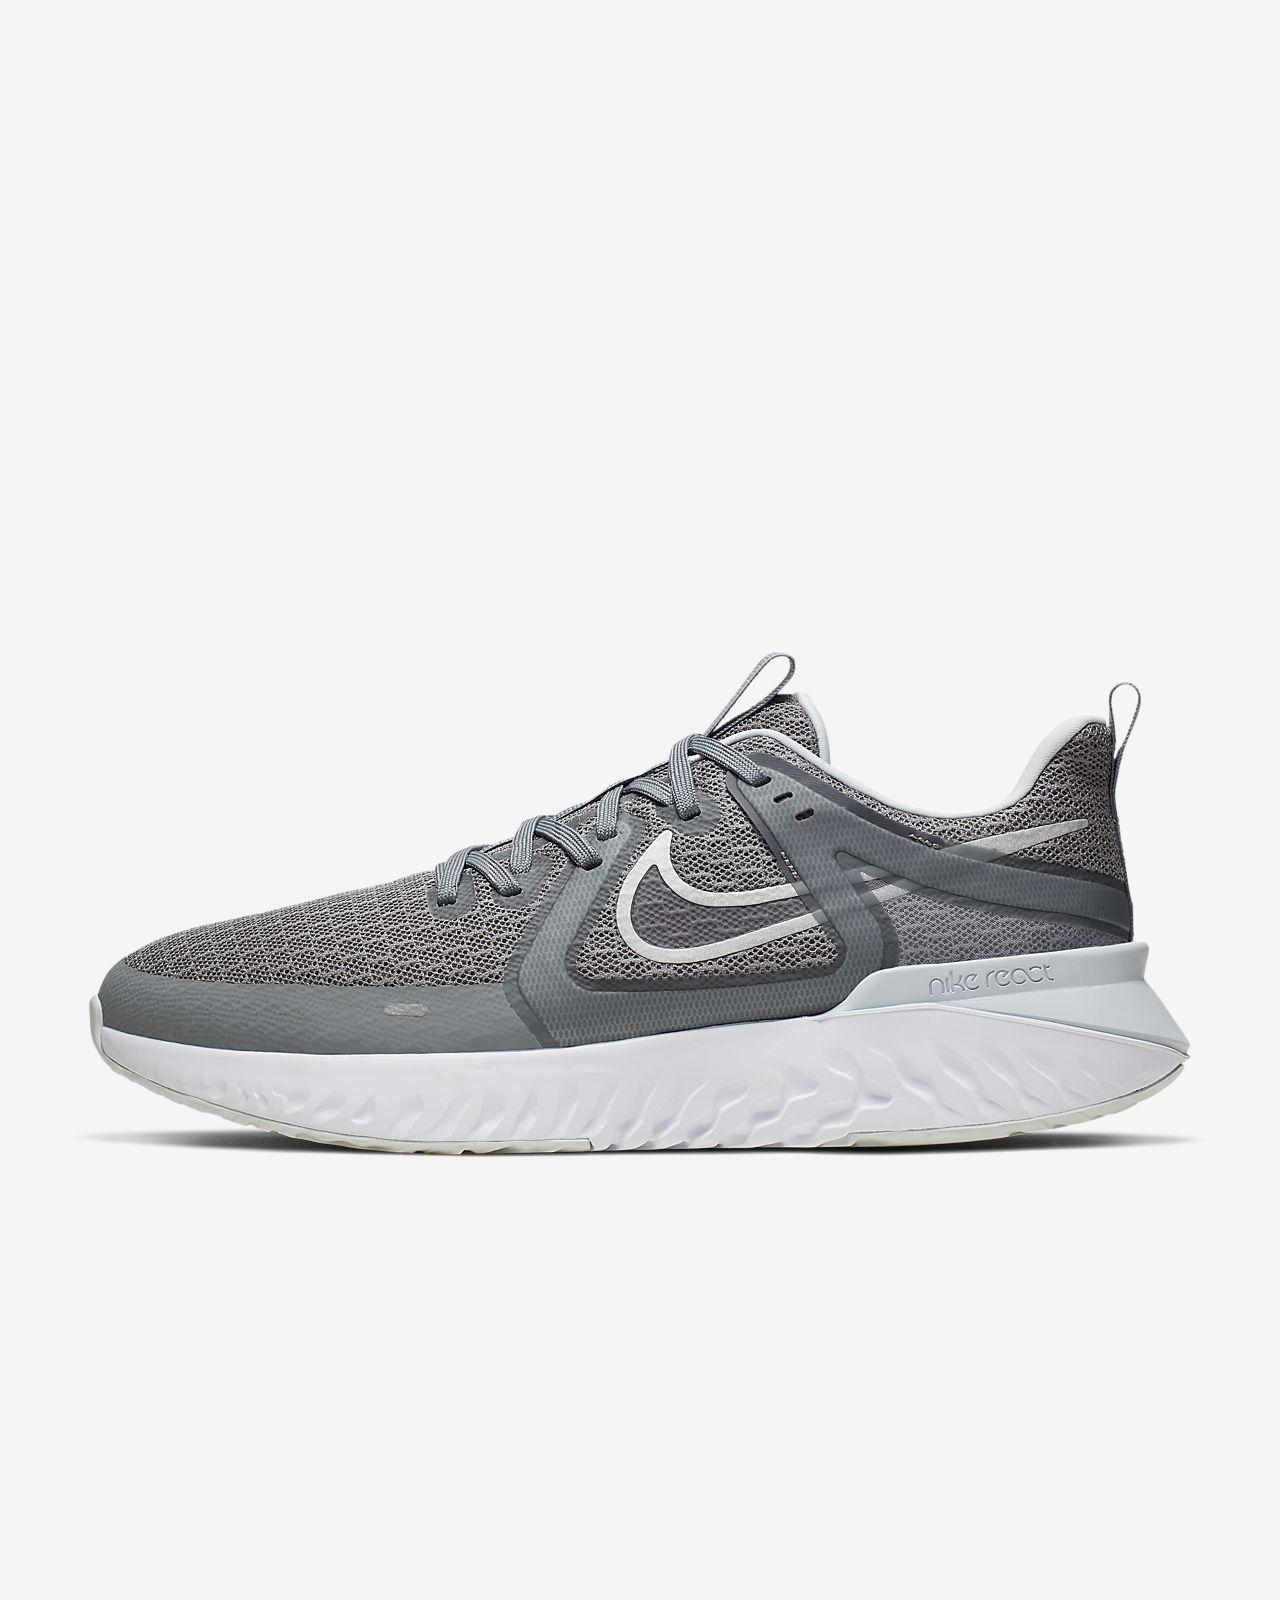 Ανδρικό παπούτσι για τρέξιμο Nike Legend React 2